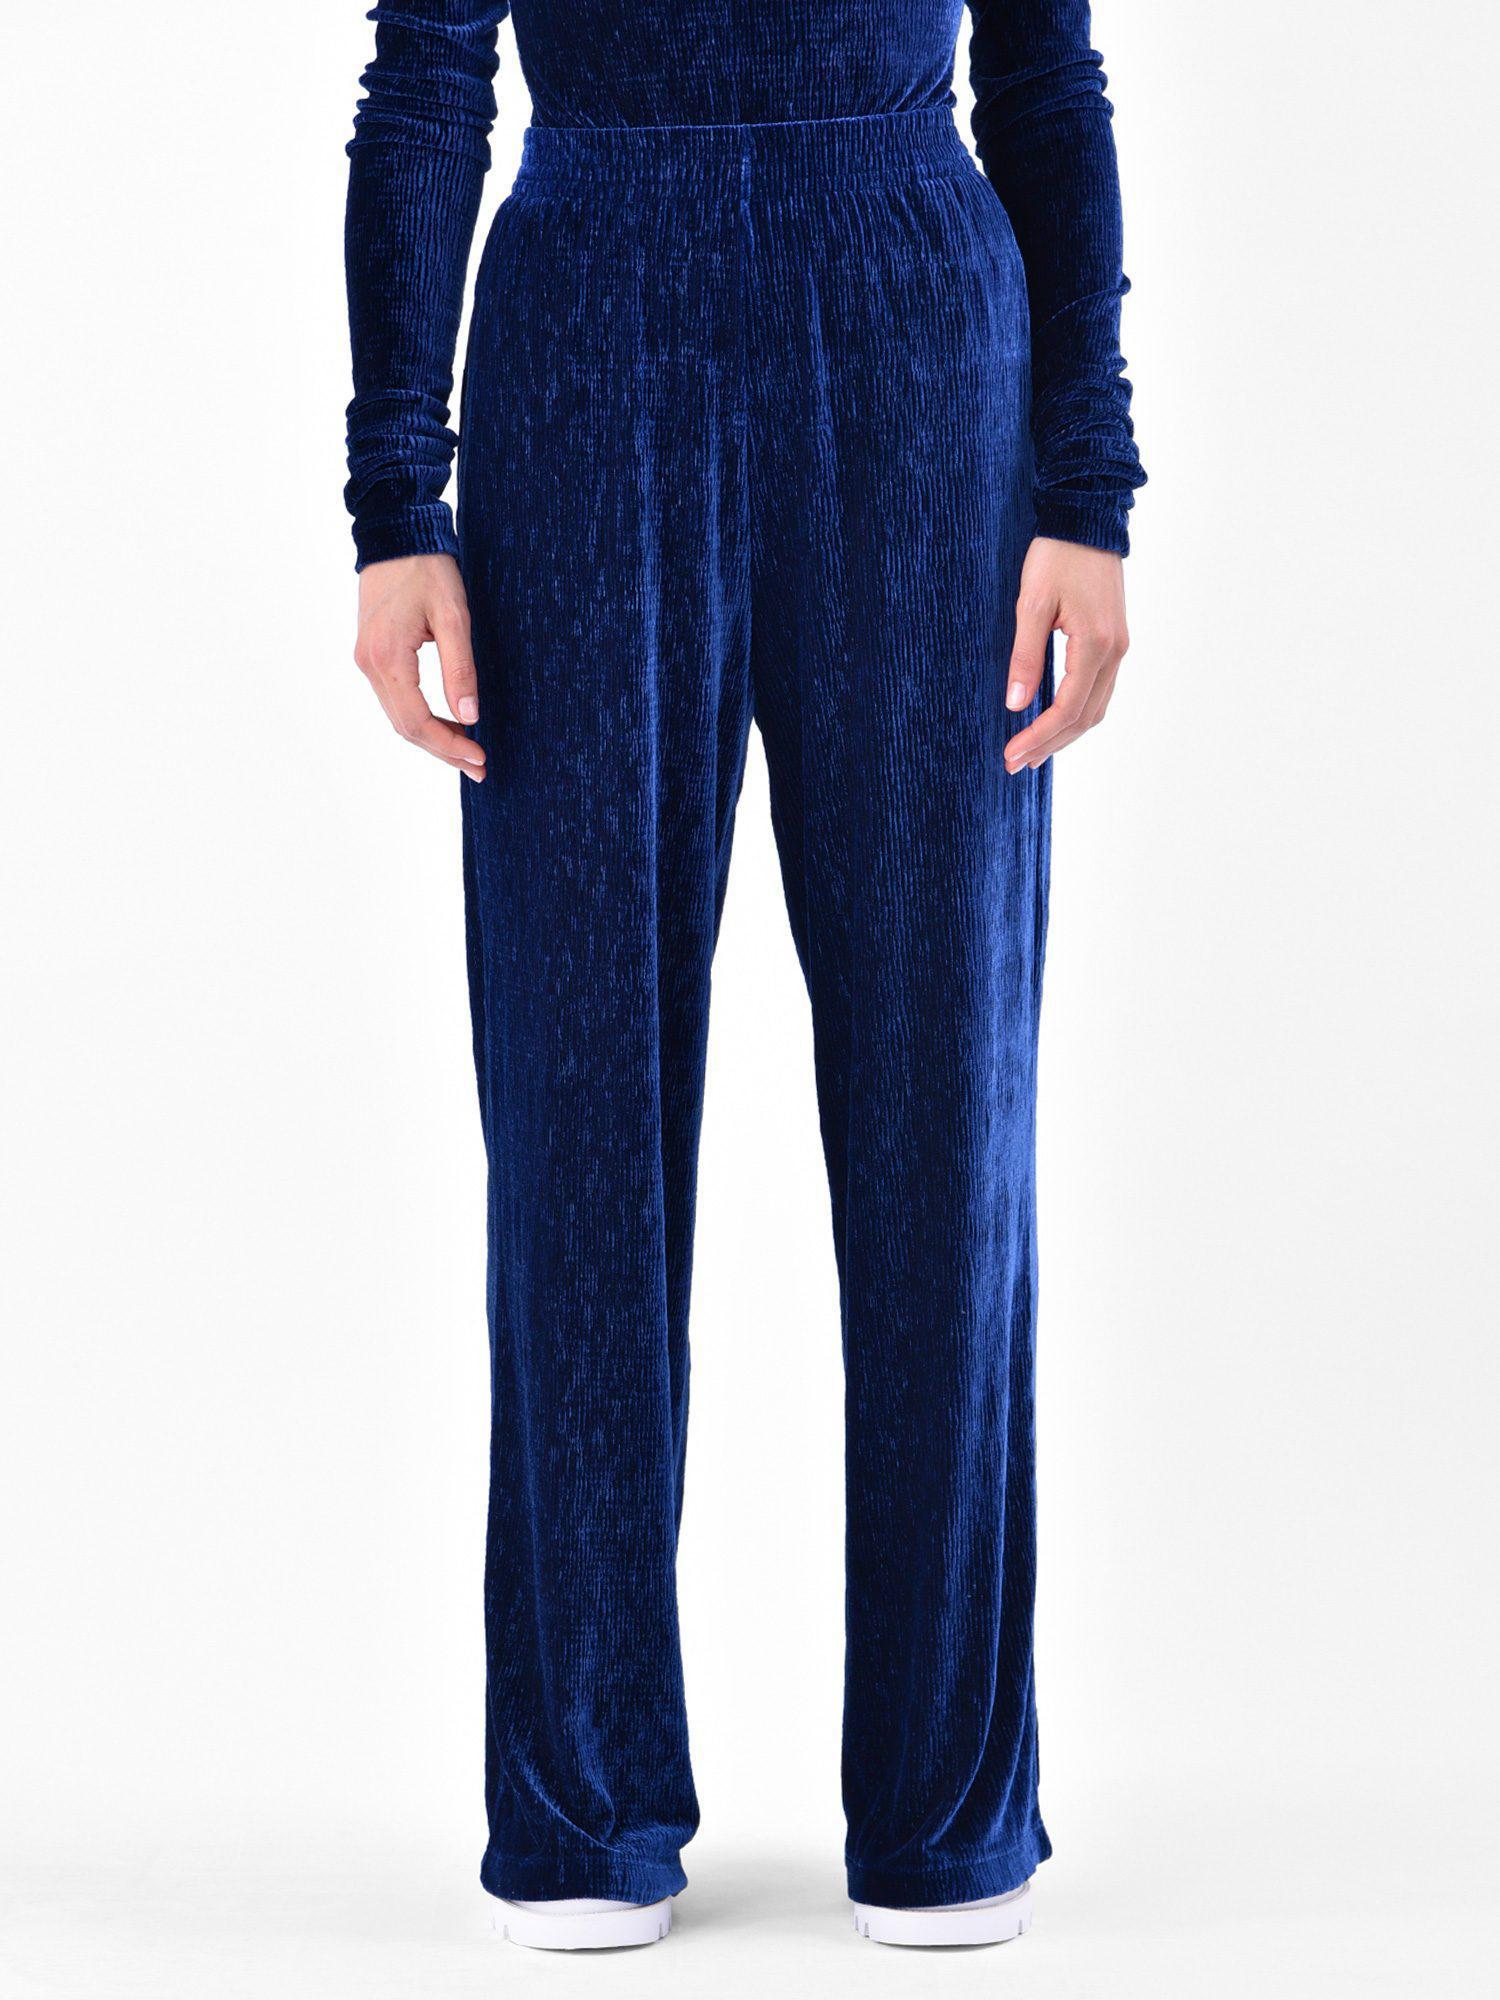 Buy Cheap Cheapest Cheapest Cheap Online textured velvet trousers - Blue Maison Martin Margiela 9omjhENbxA